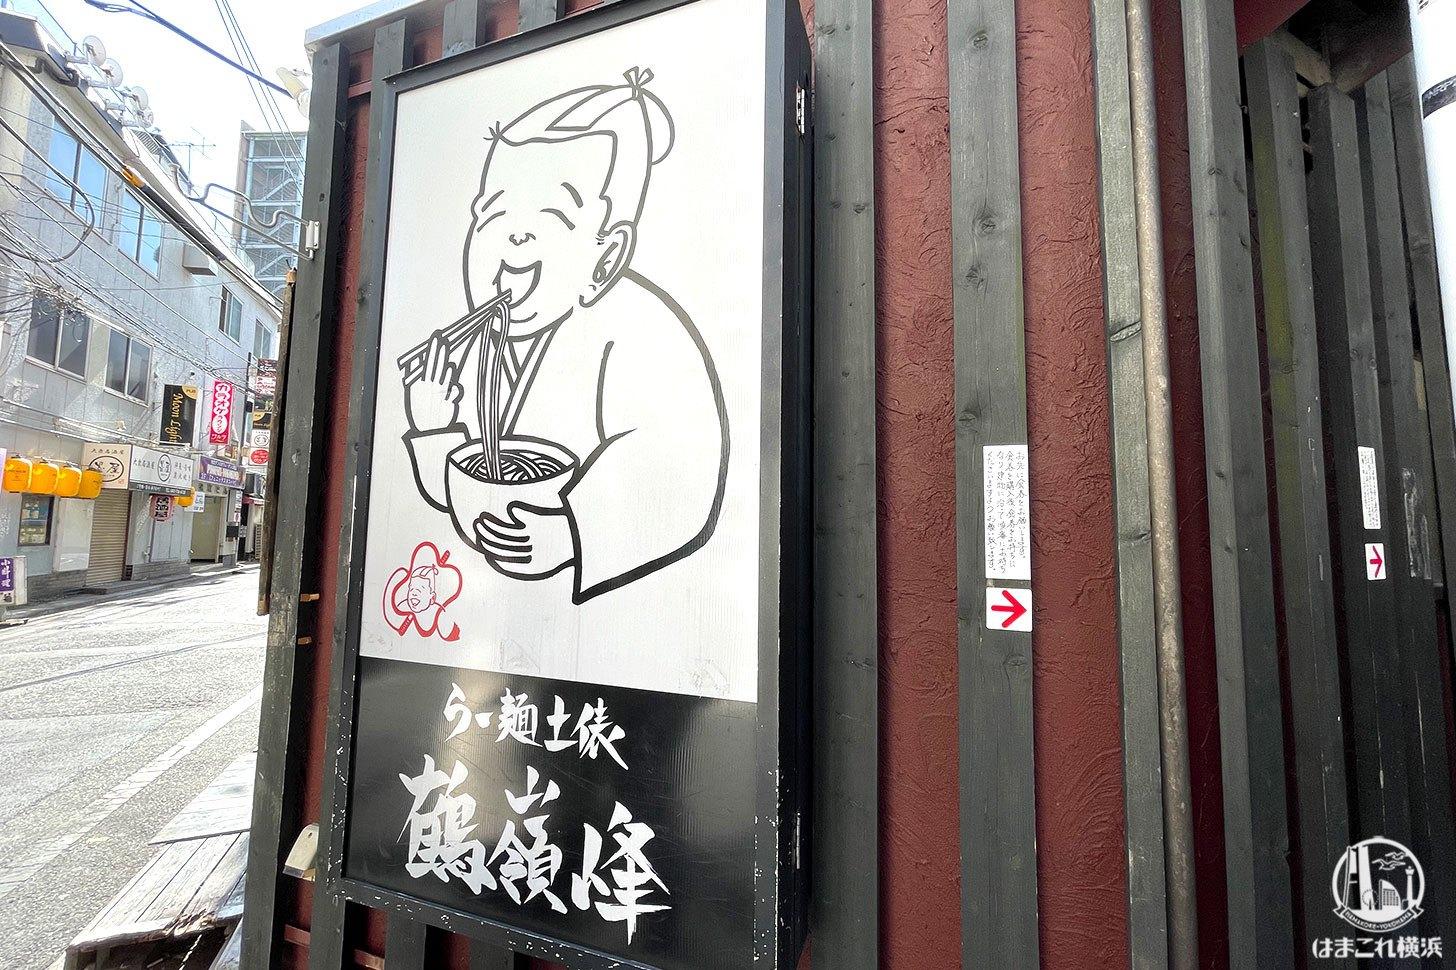 らー麺土俵 鶴嶺峰(かくれいほう)お相撲さんのイラスト